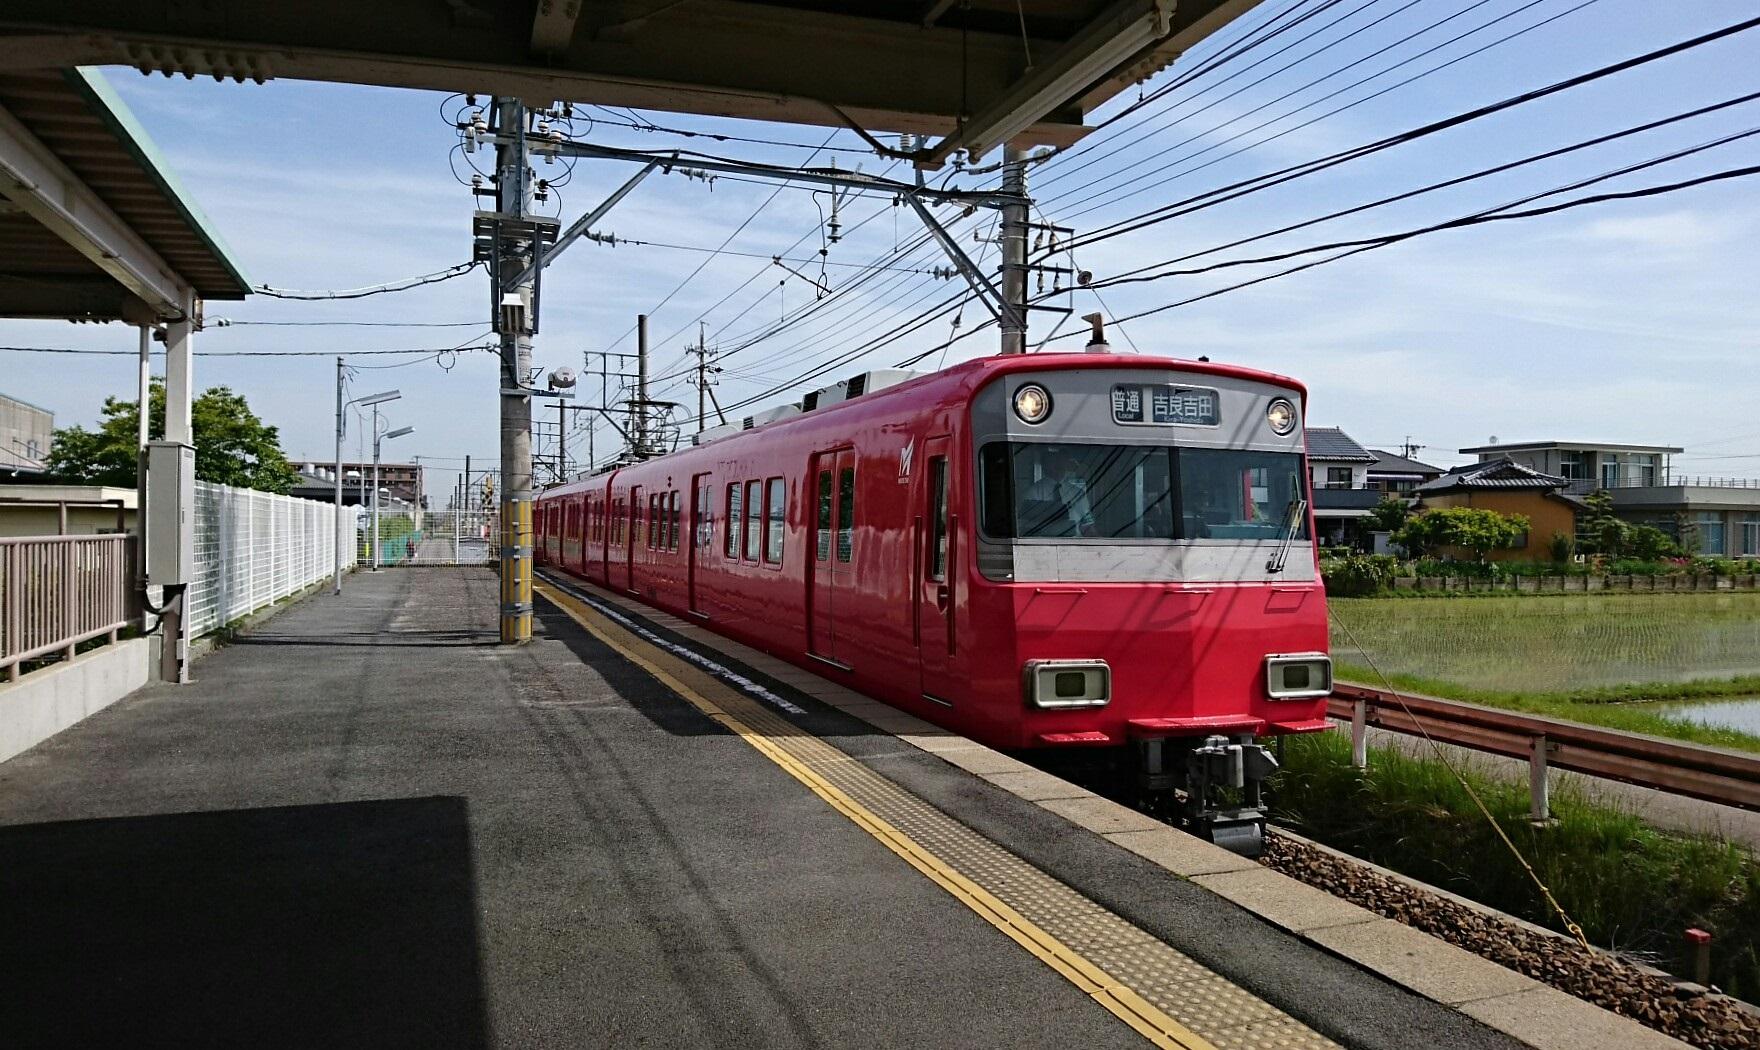 2018.5.25 (う) きたあんじょう - 吉良吉田いきふつう 1760-1050